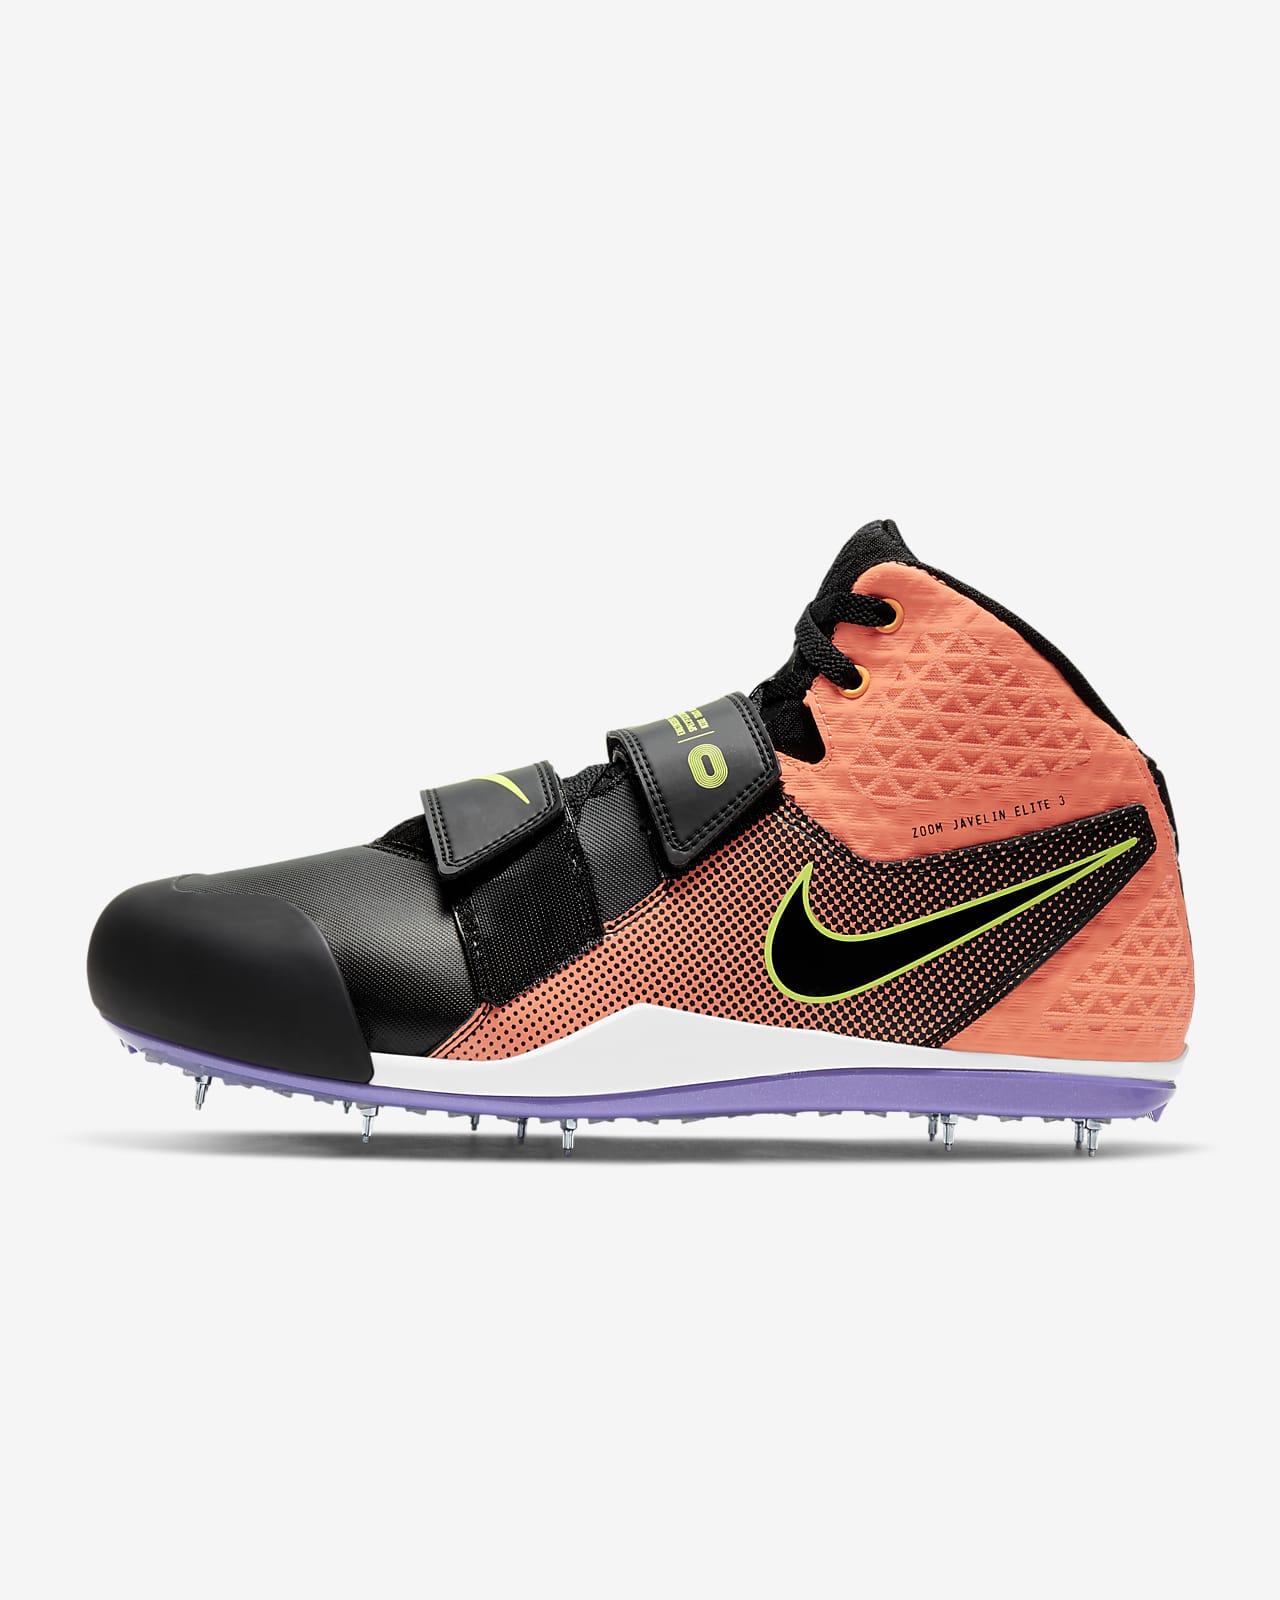 Nike Zoom Javelin Elite 3 Running Shoe